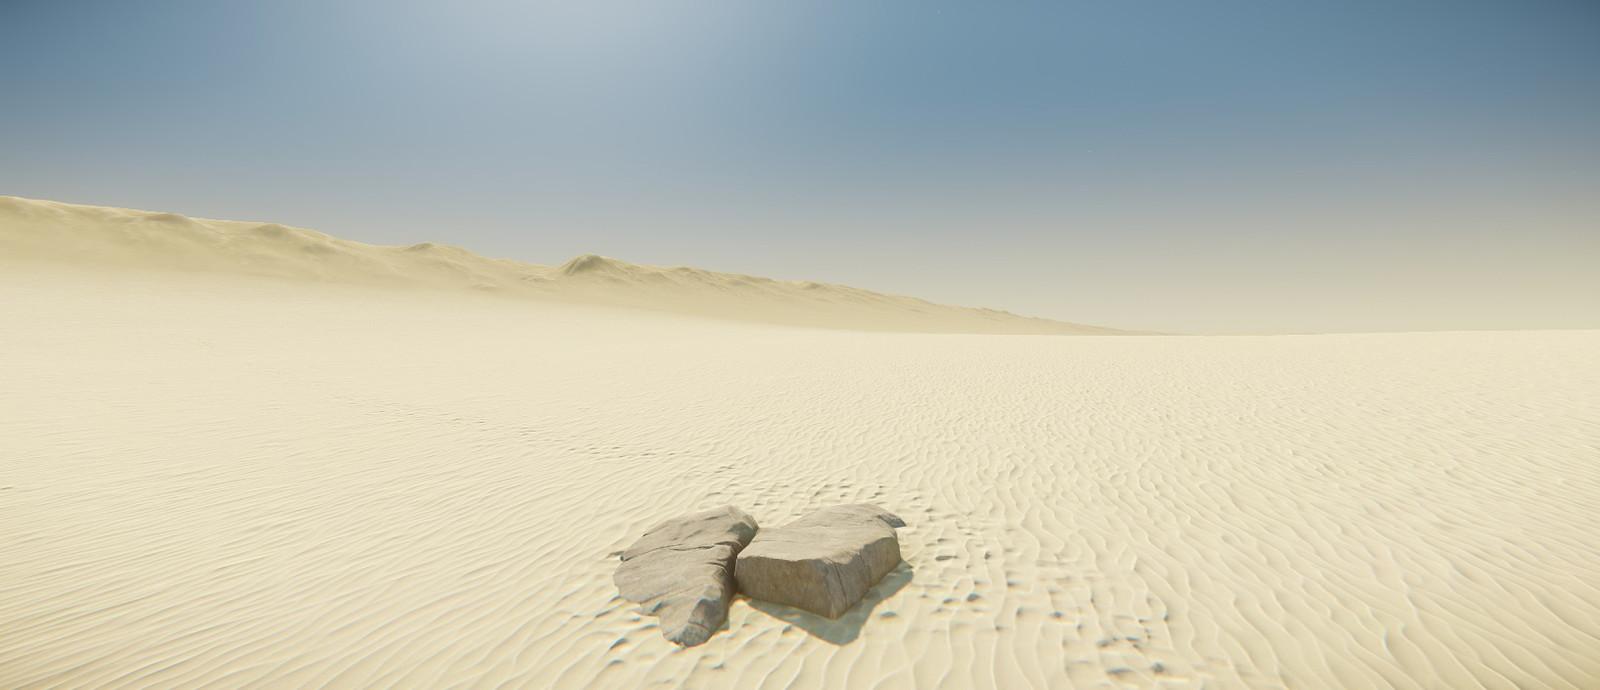 Cryengine terrain workflow test